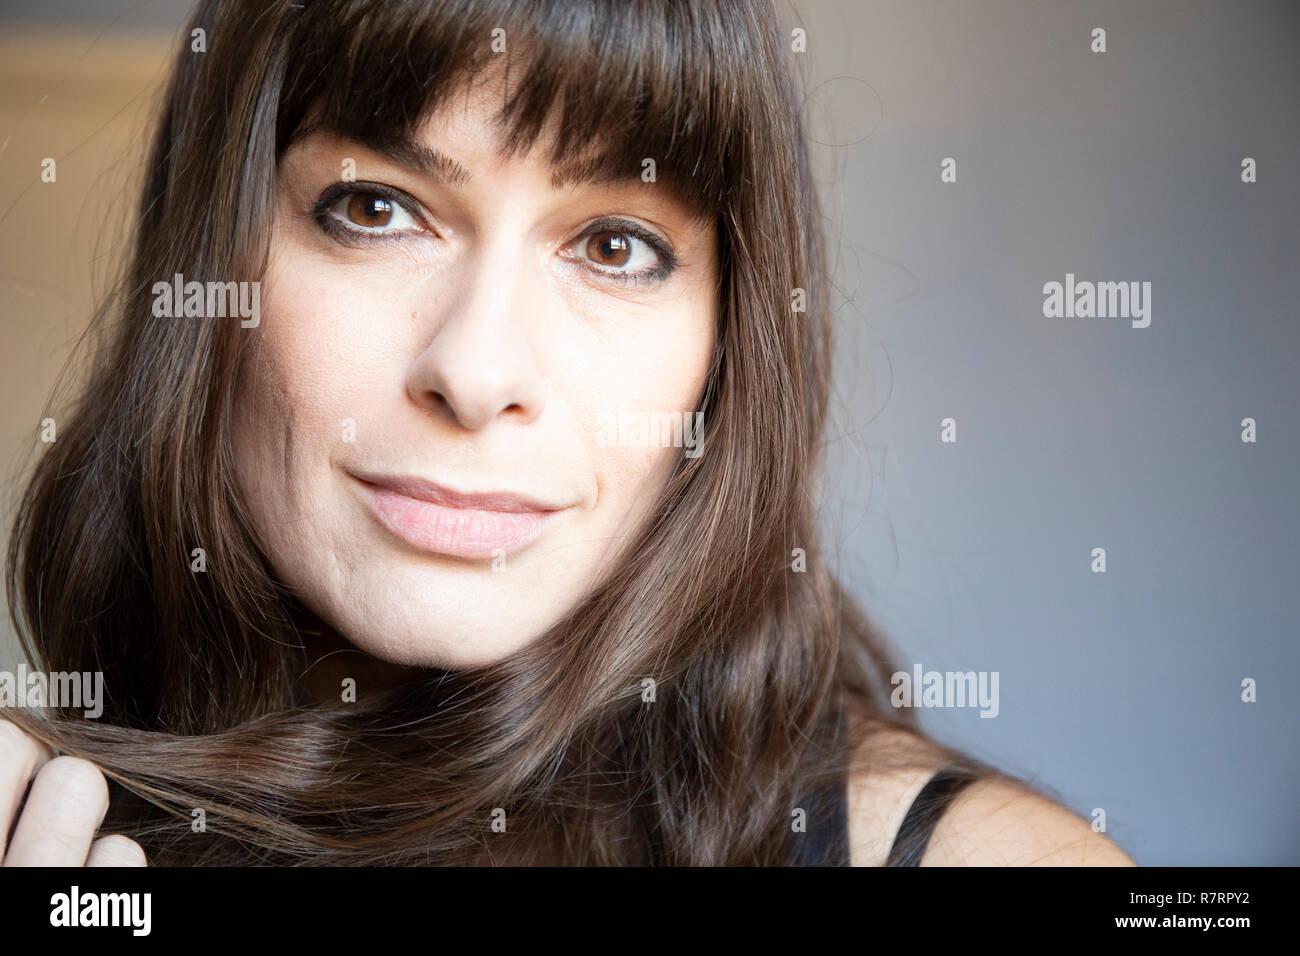 Junge Frau Nahaufnahme Porträt Kaukasische Mit Braunen Langen